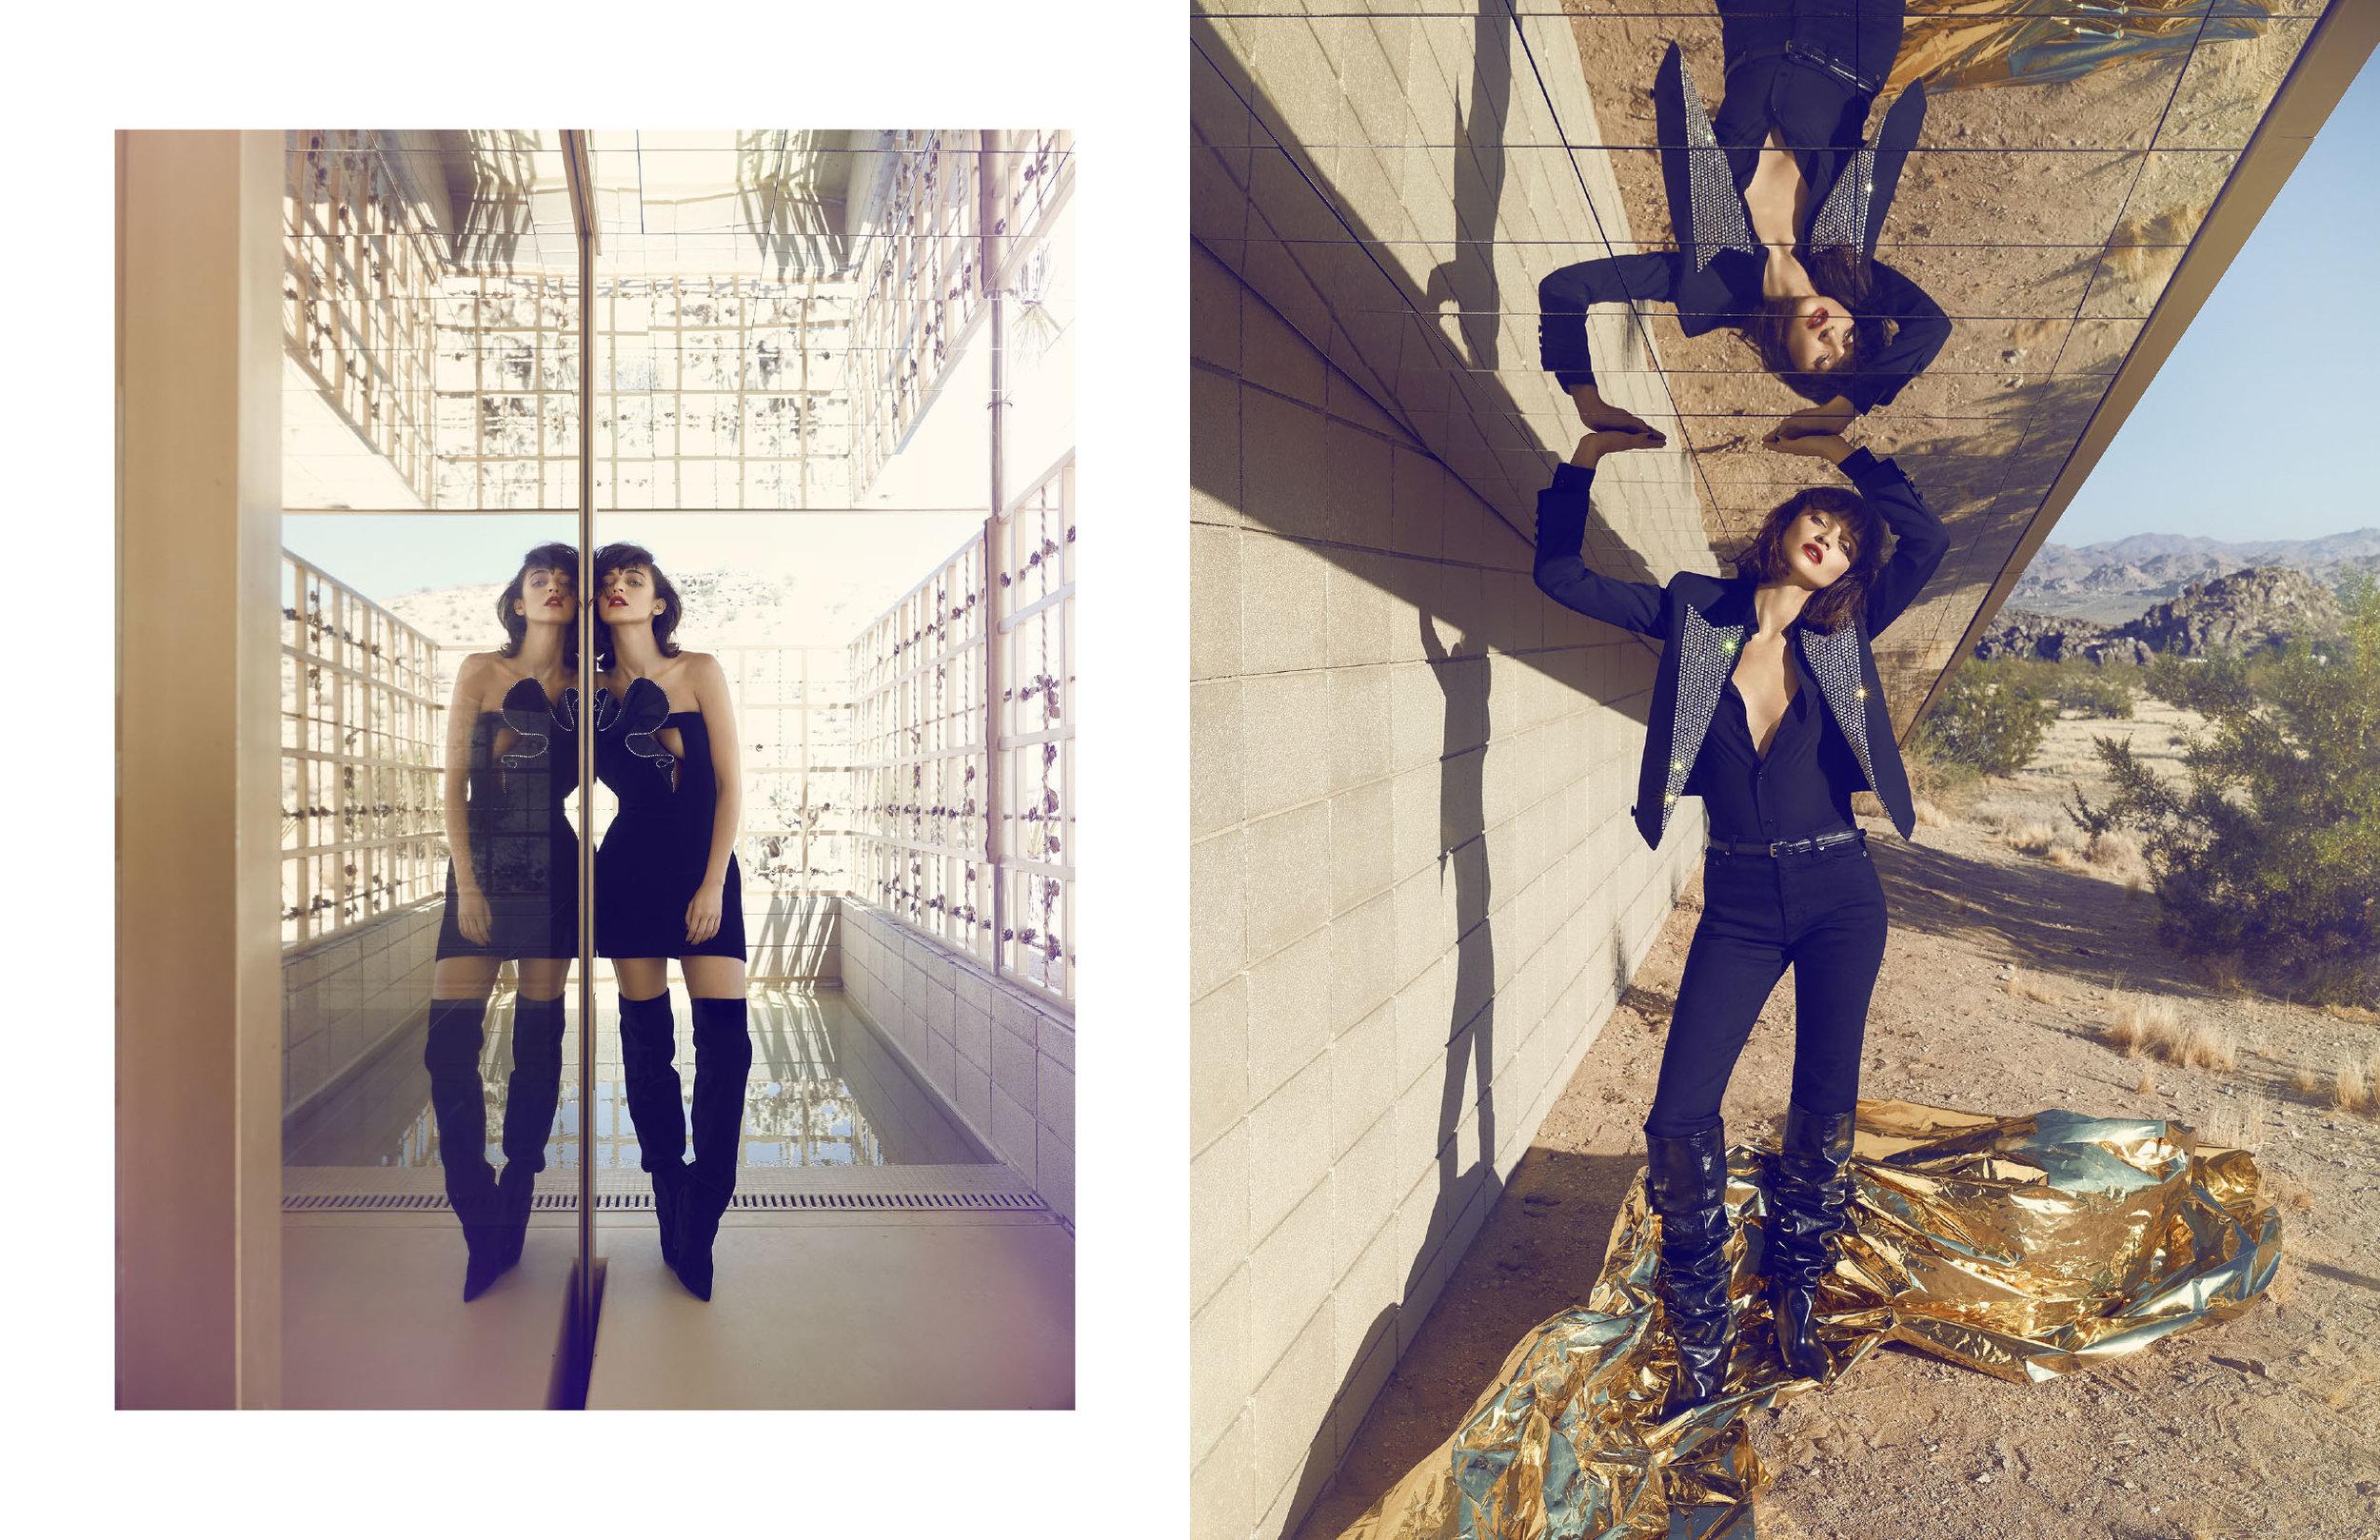 #YSL #Saintlaurent #fashion #photography #sorbet #michelelaurita